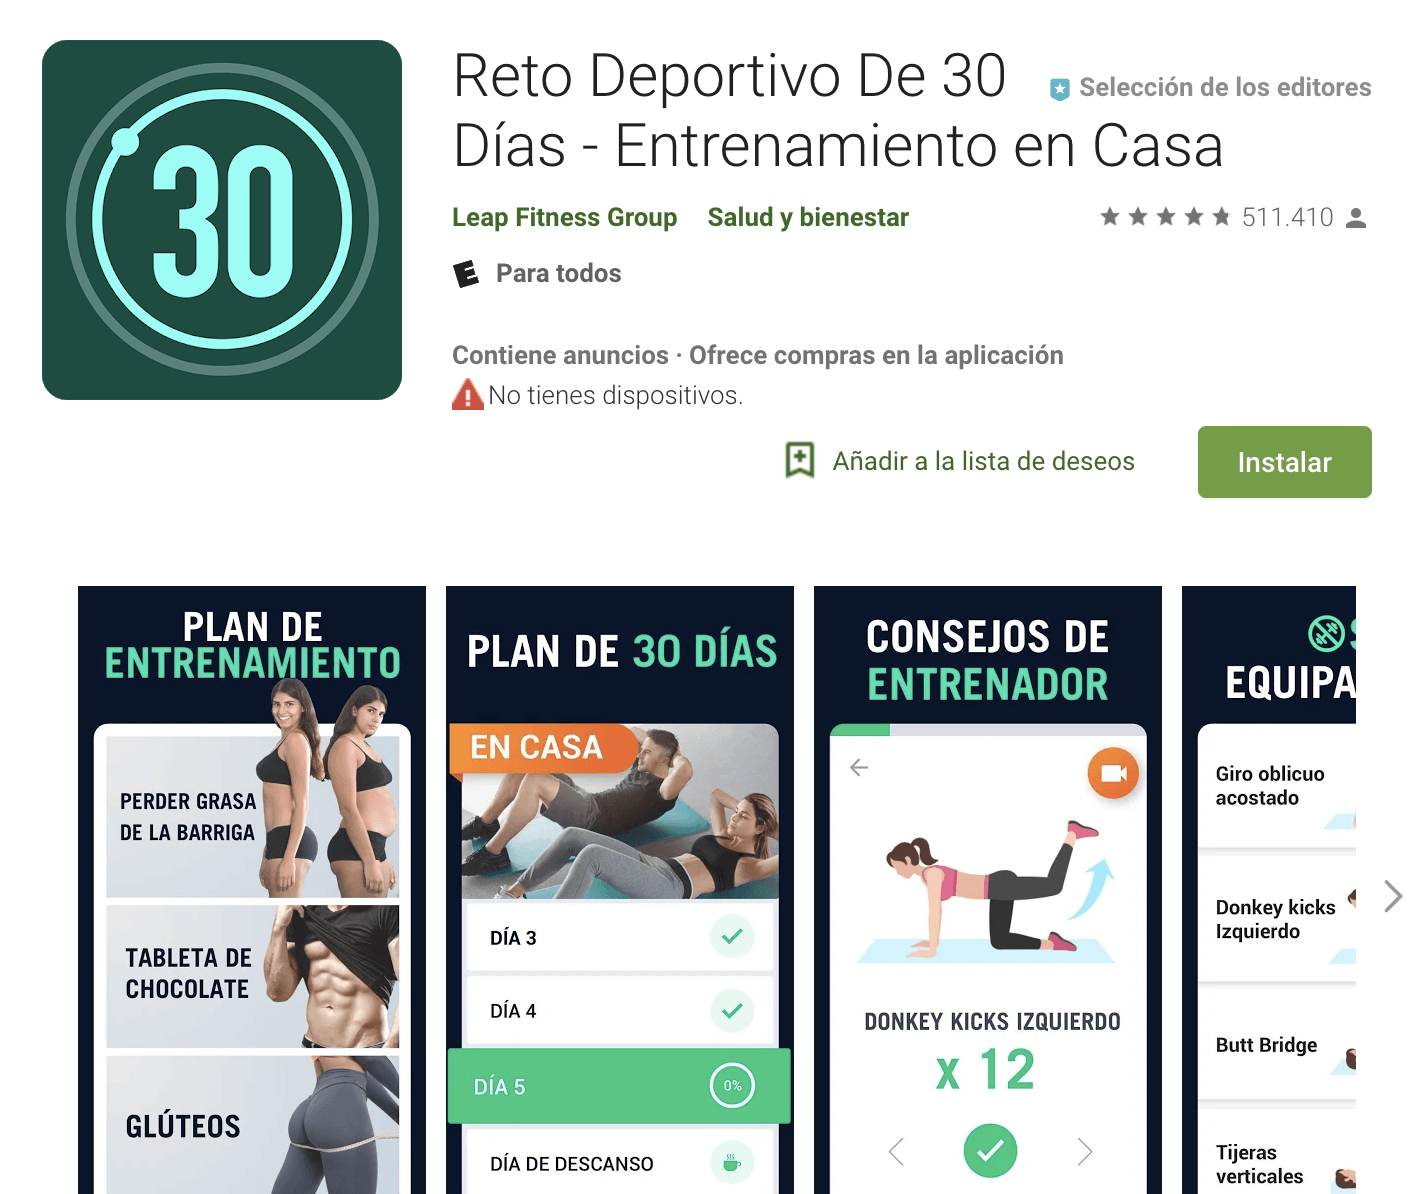 Reto ejercicio 30 dias